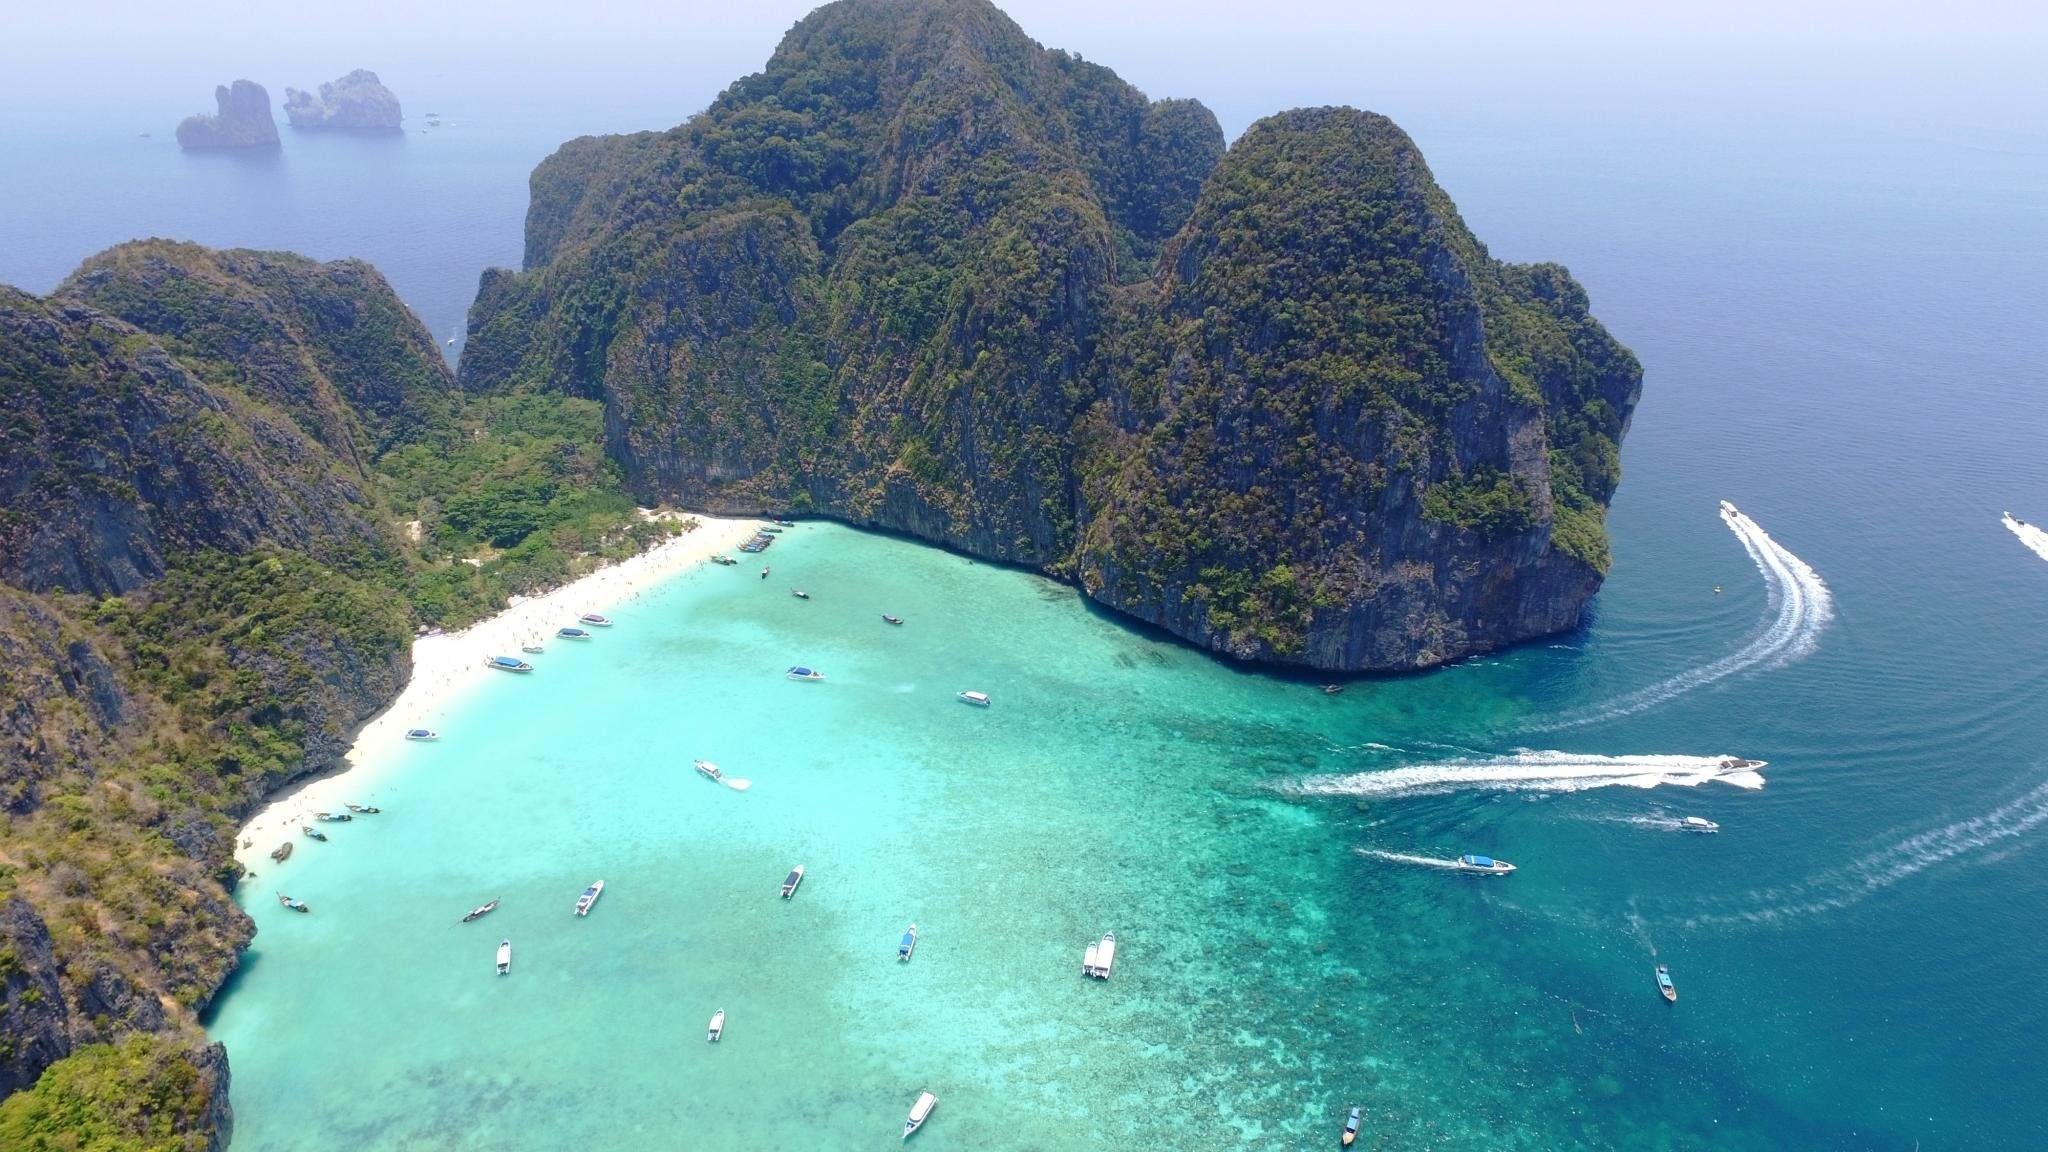 افضل جزر تايلاند لمحبي الاستجمام (3)